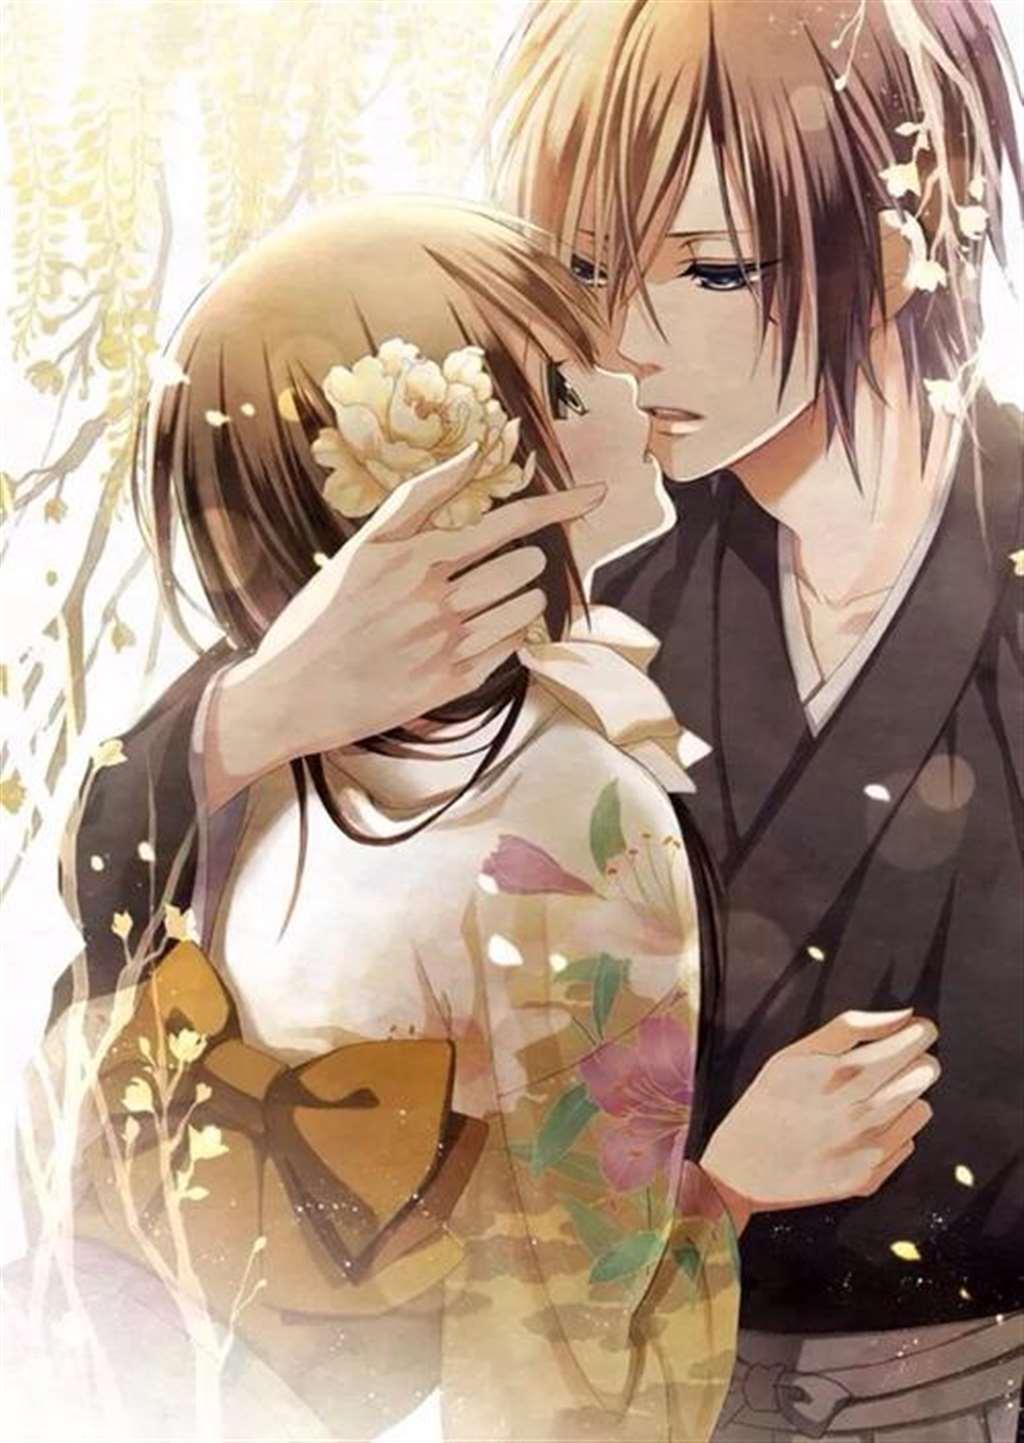 卡通动漫浪漫情侣图片两张一对 【可爱点】_配图大全